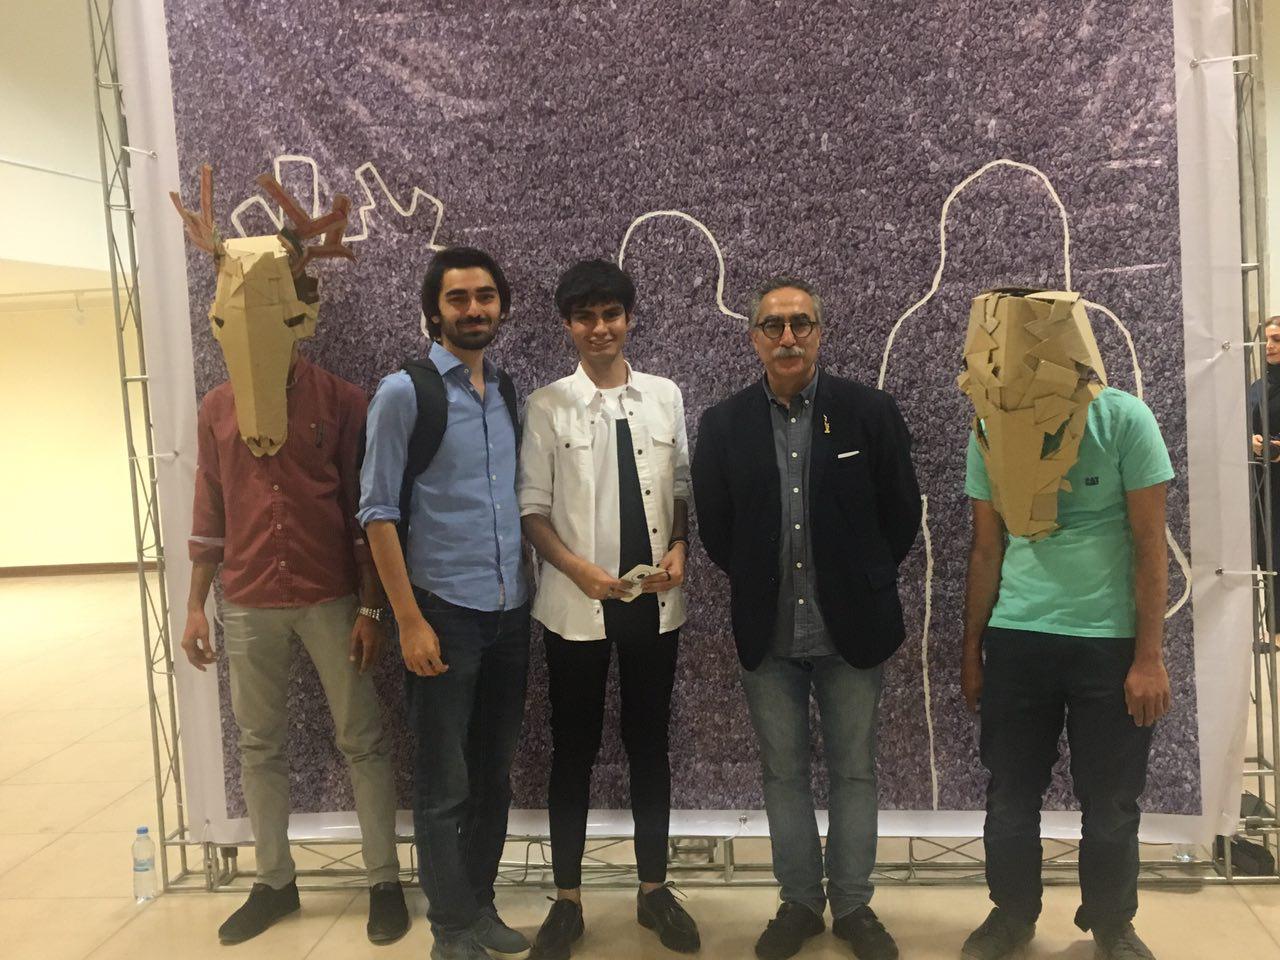 جشنواره بین المللی فیلم سبز با حمایت کانون هنر و زیست بوم «دایره آبی» برگزار شد